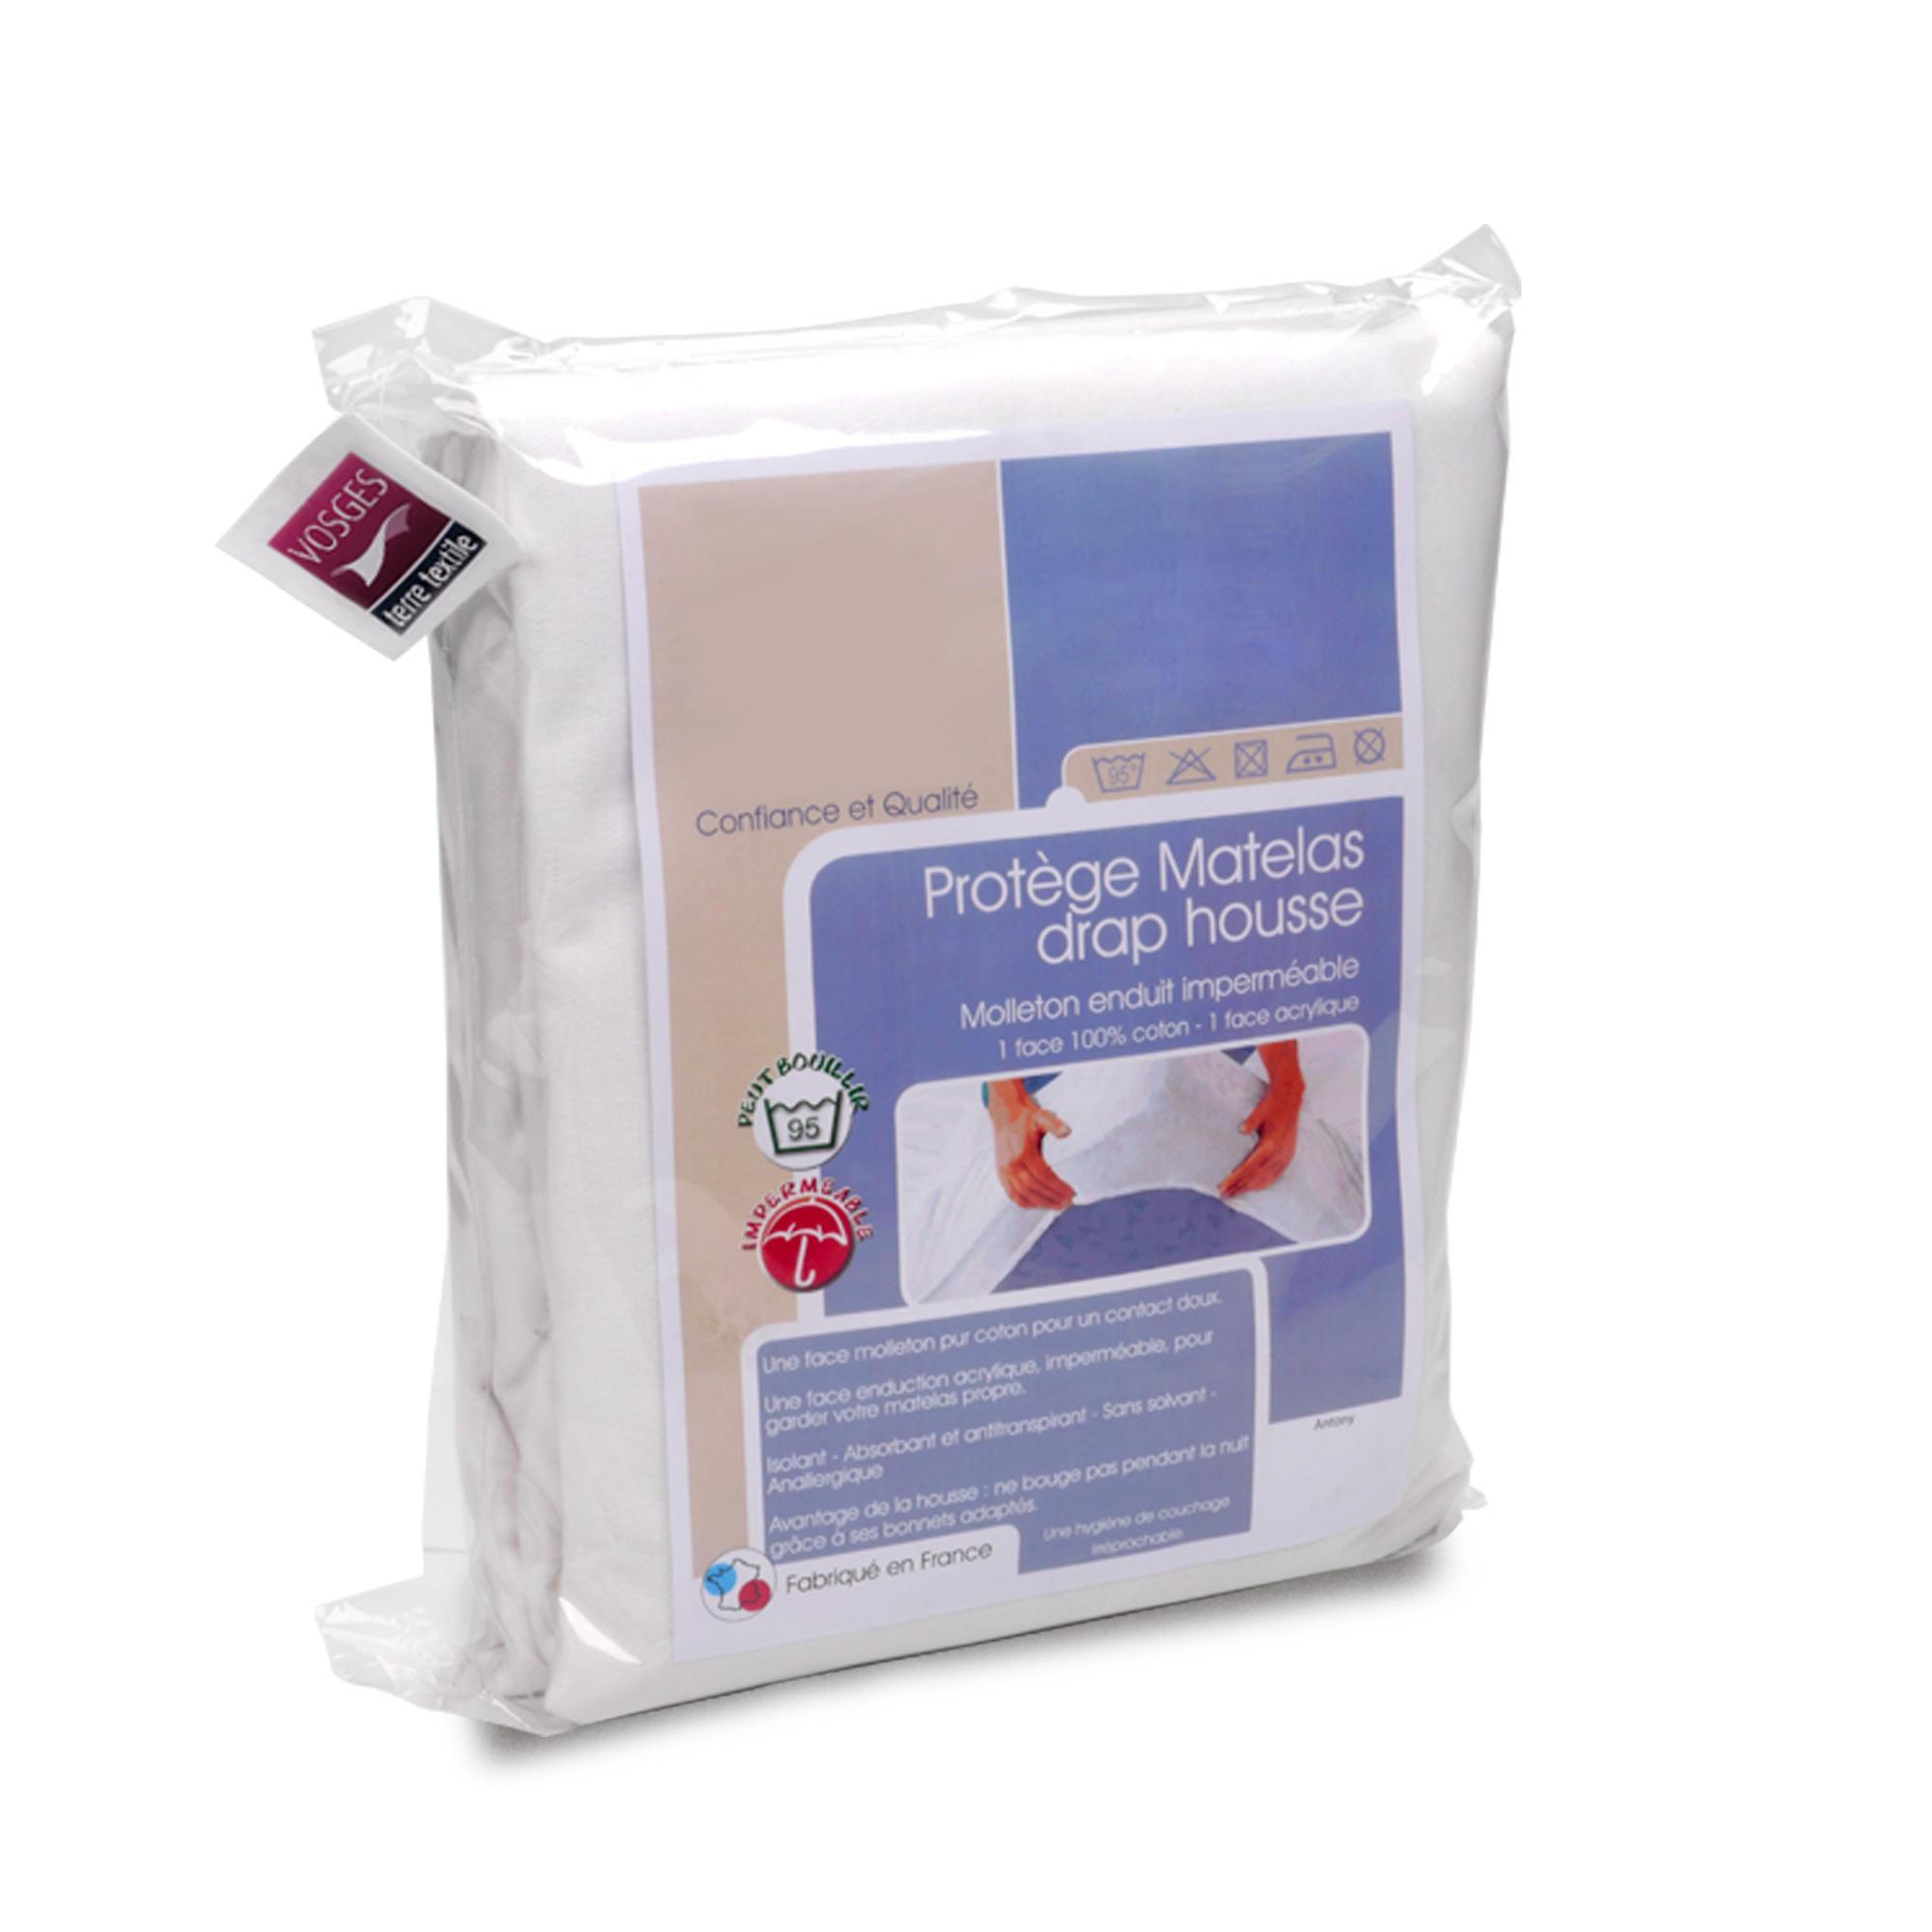 prot ge matelas imperm able antony blanc 180x200 linnea vente de linge de maison. Black Bedroom Furniture Sets. Home Design Ideas